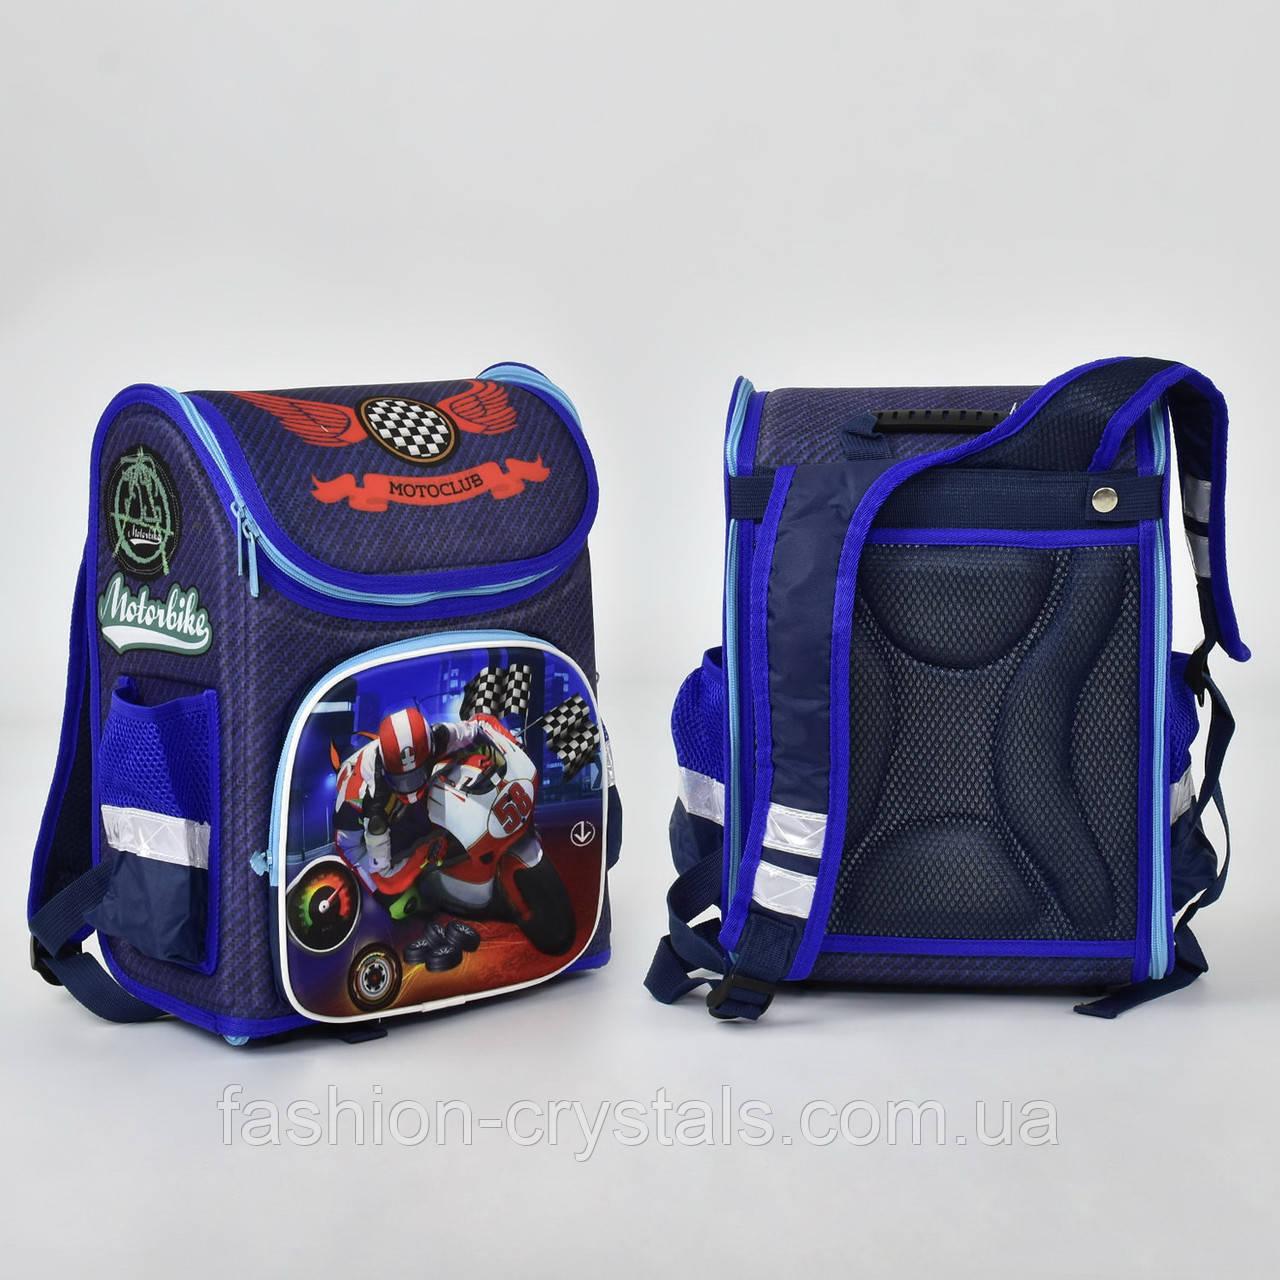 Школьный каркасный рюкзак с 3D принтом N 0017